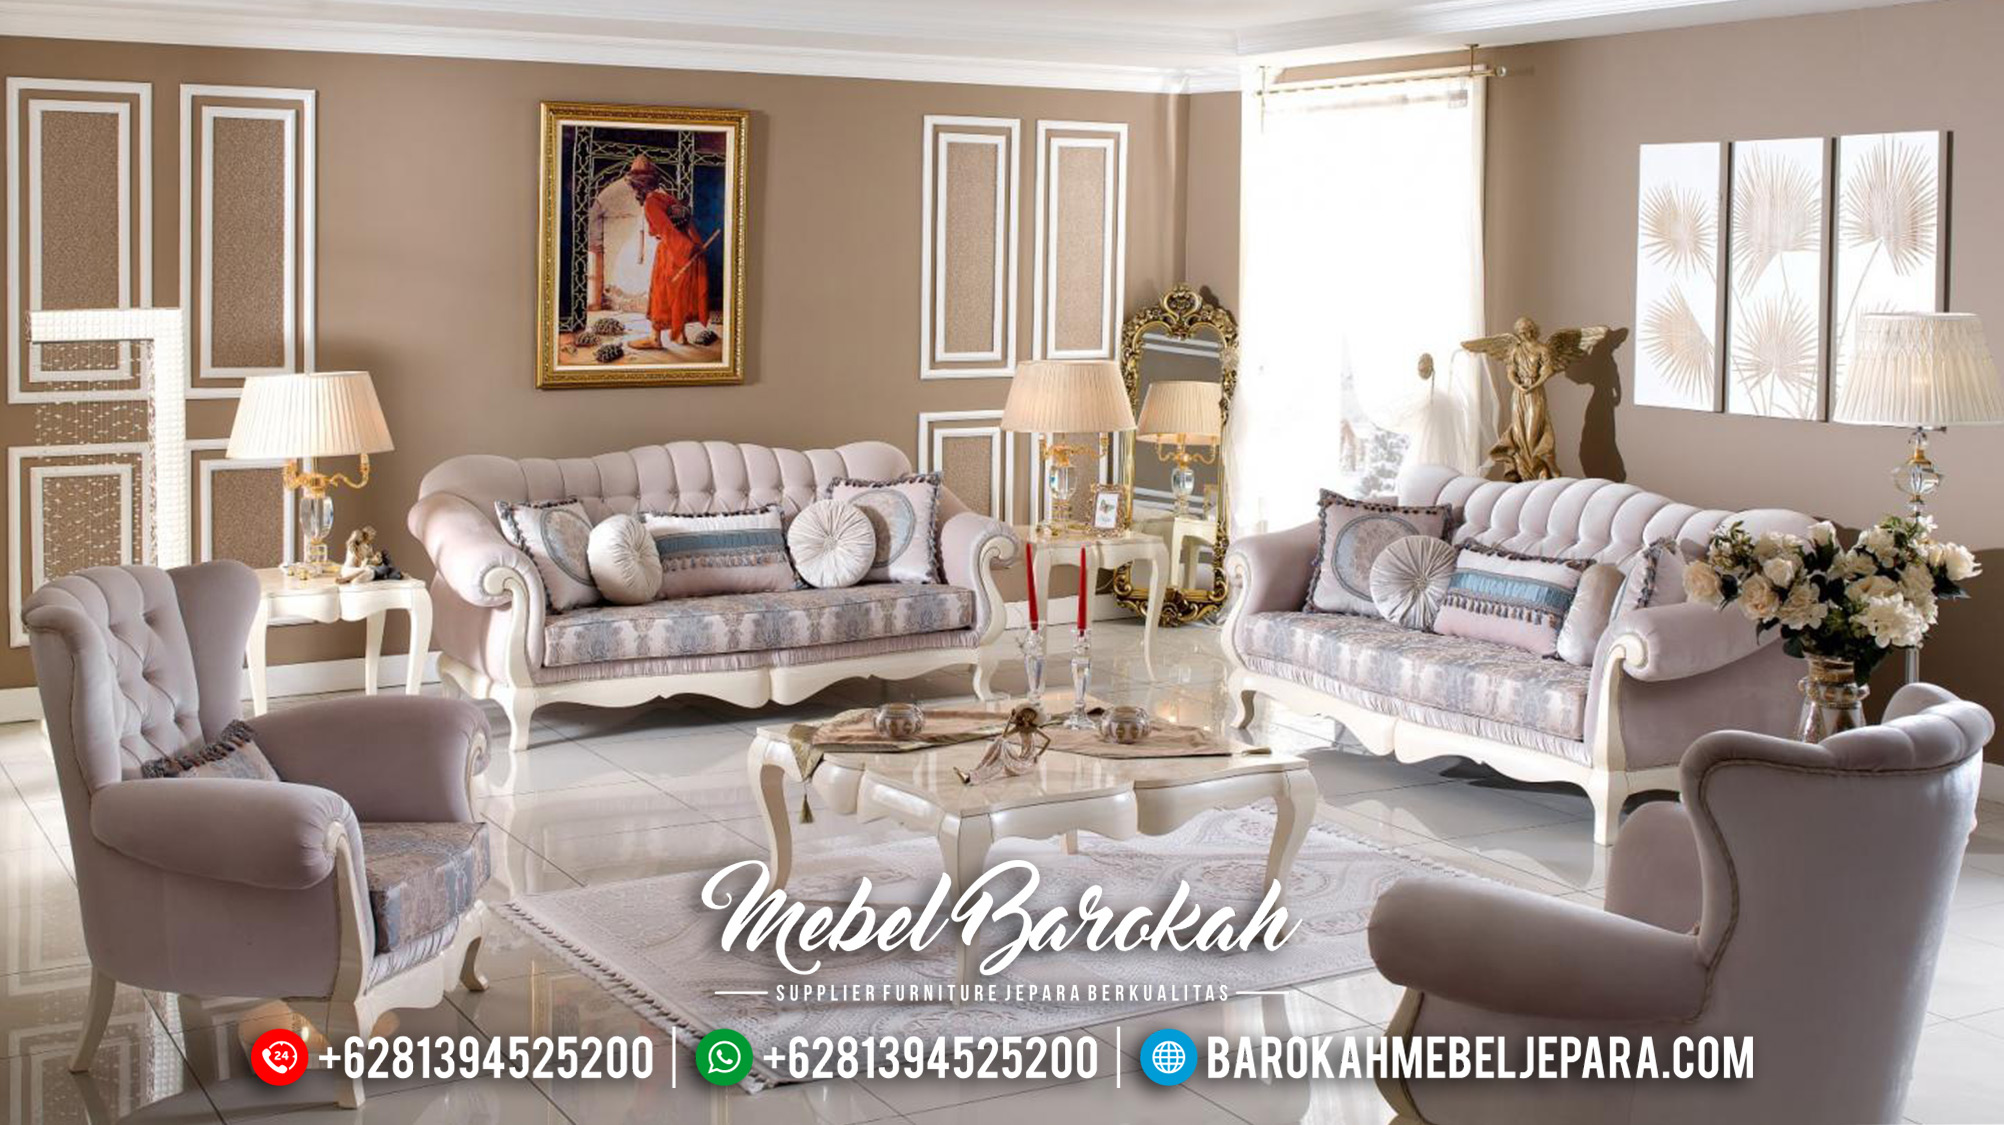 Desain Sofa Tamu Mewah Ukir Jepara New Luxury Style Mebel Jepara Terbaru MB-0573